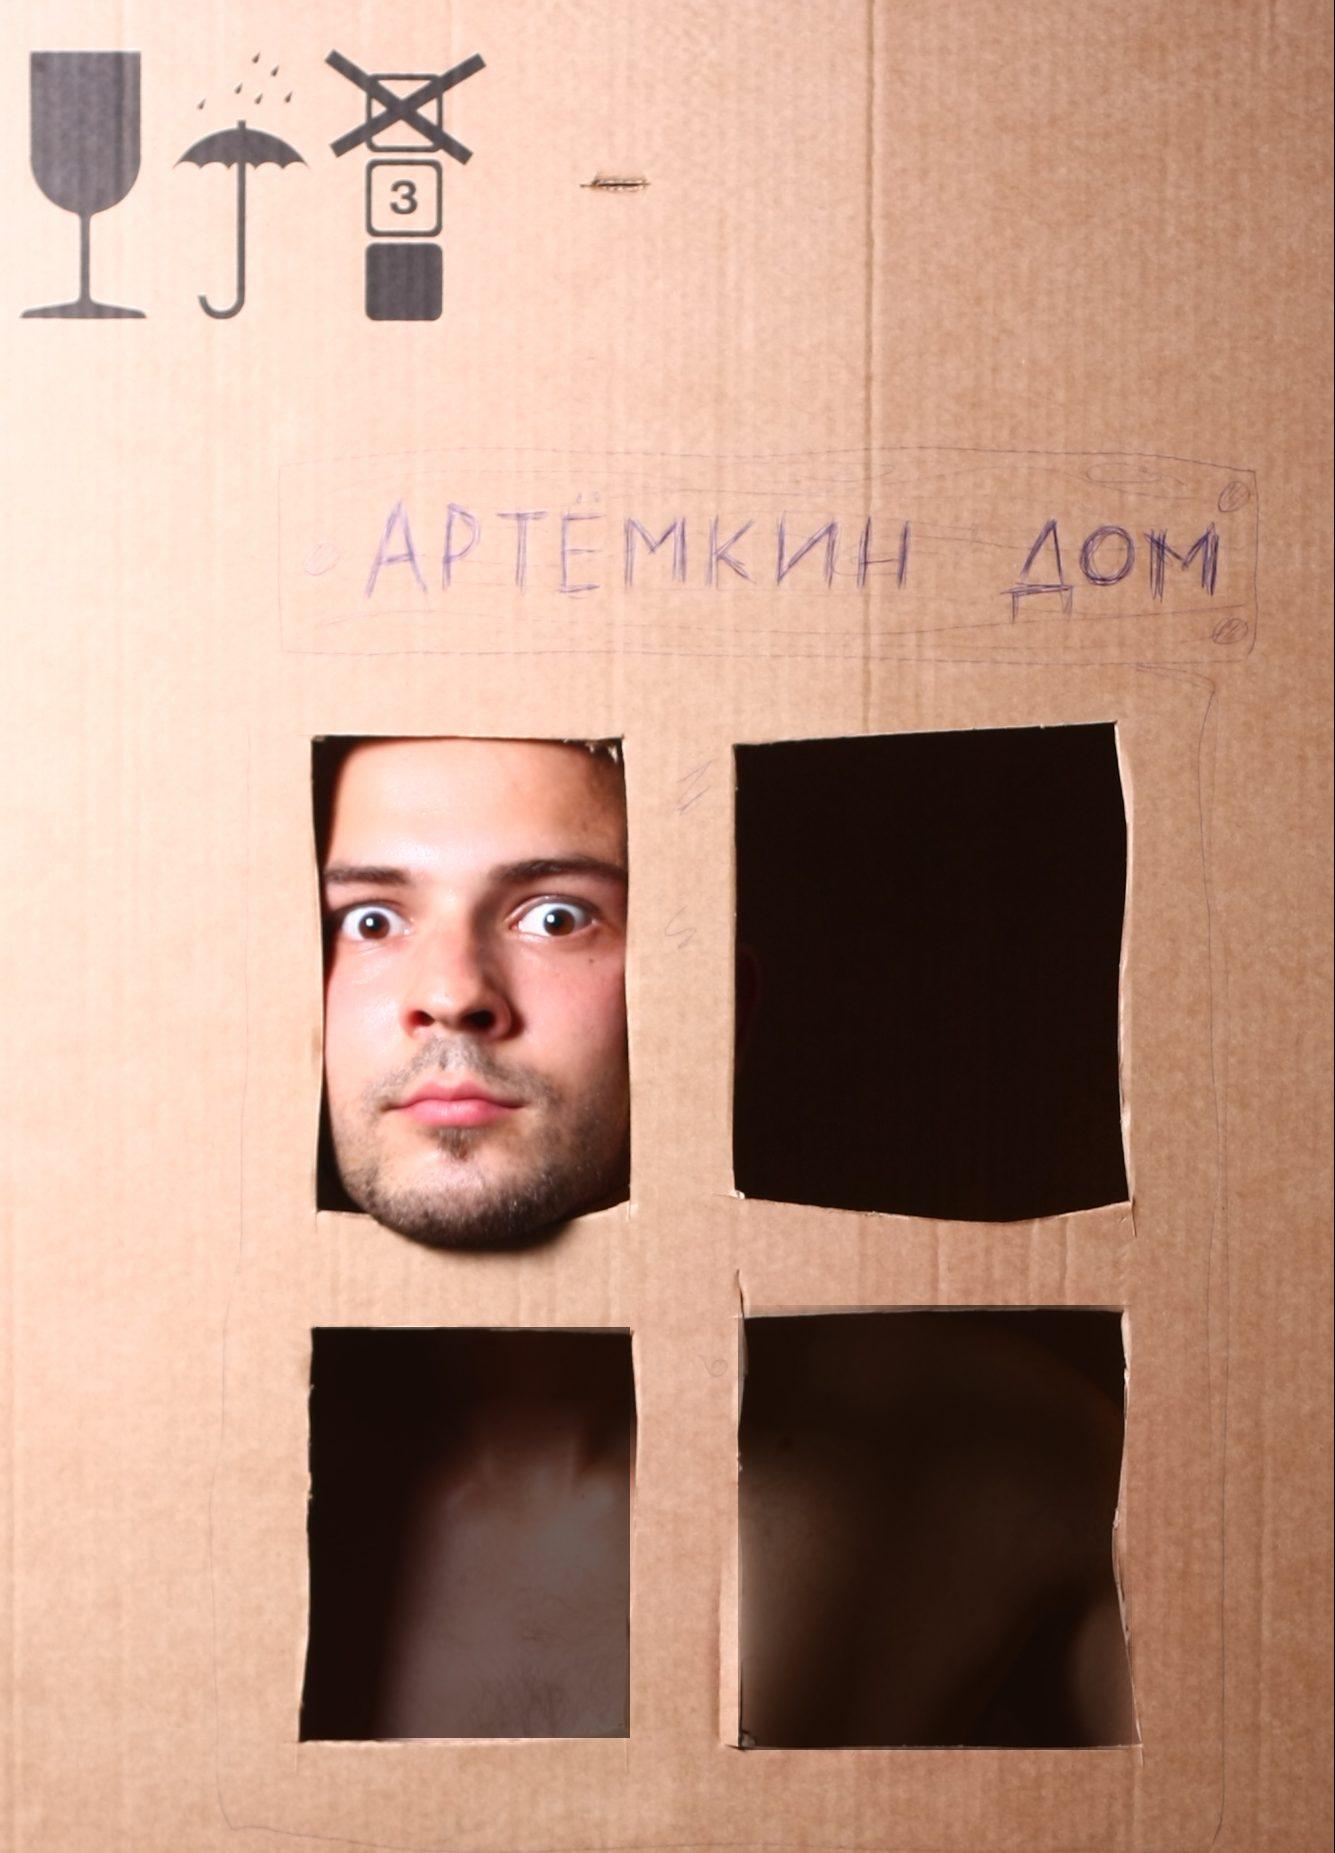 Продолжение истории одного парня архитектора)